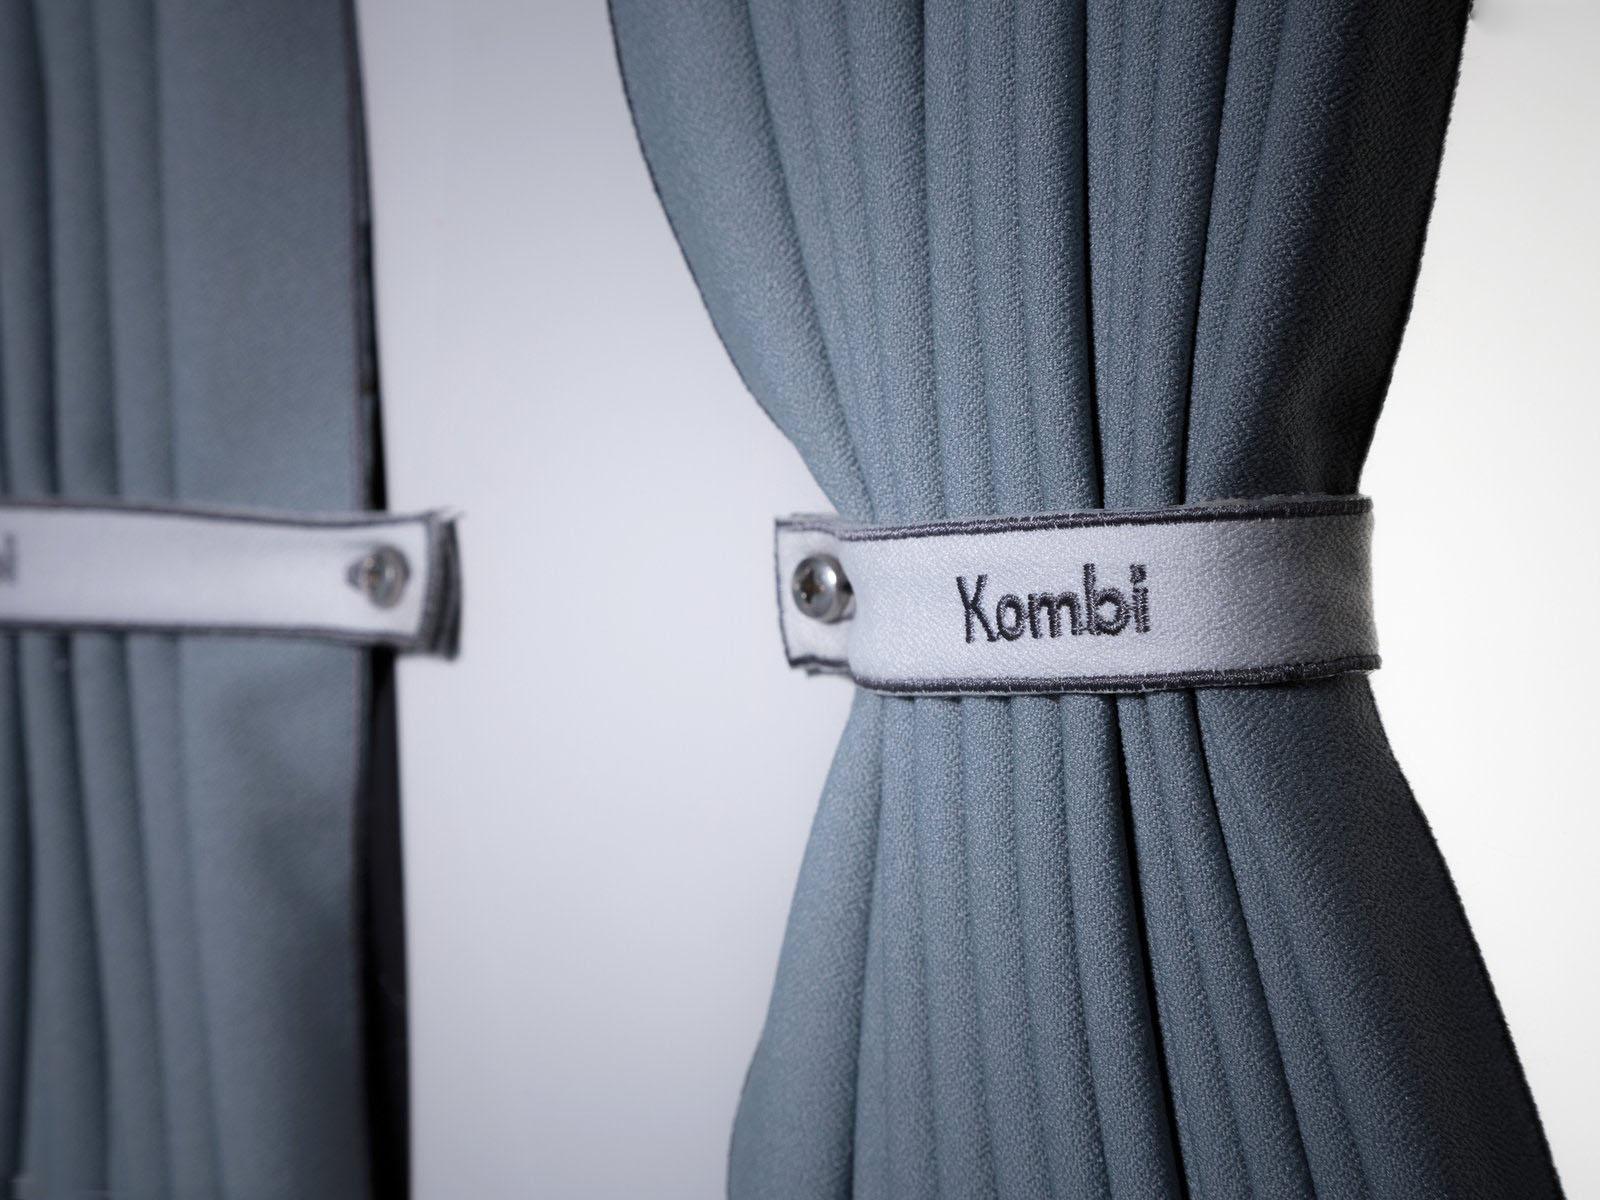 novo Volkswagen Kombi edição especial 2014 cortina